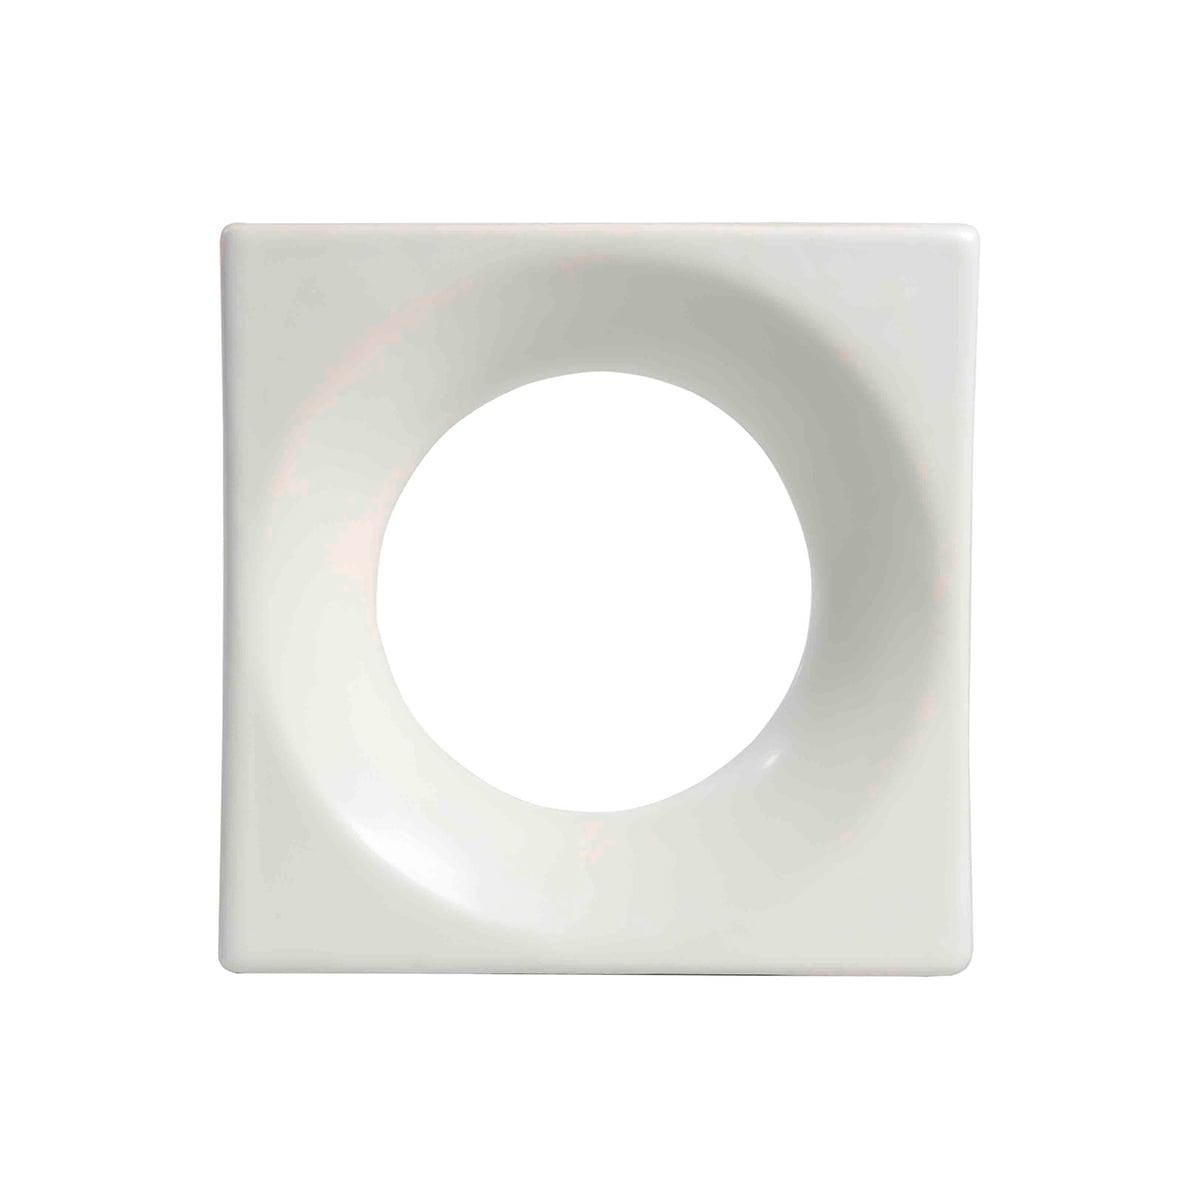 Cobogó Solare - Esmaltado - 20x20cm